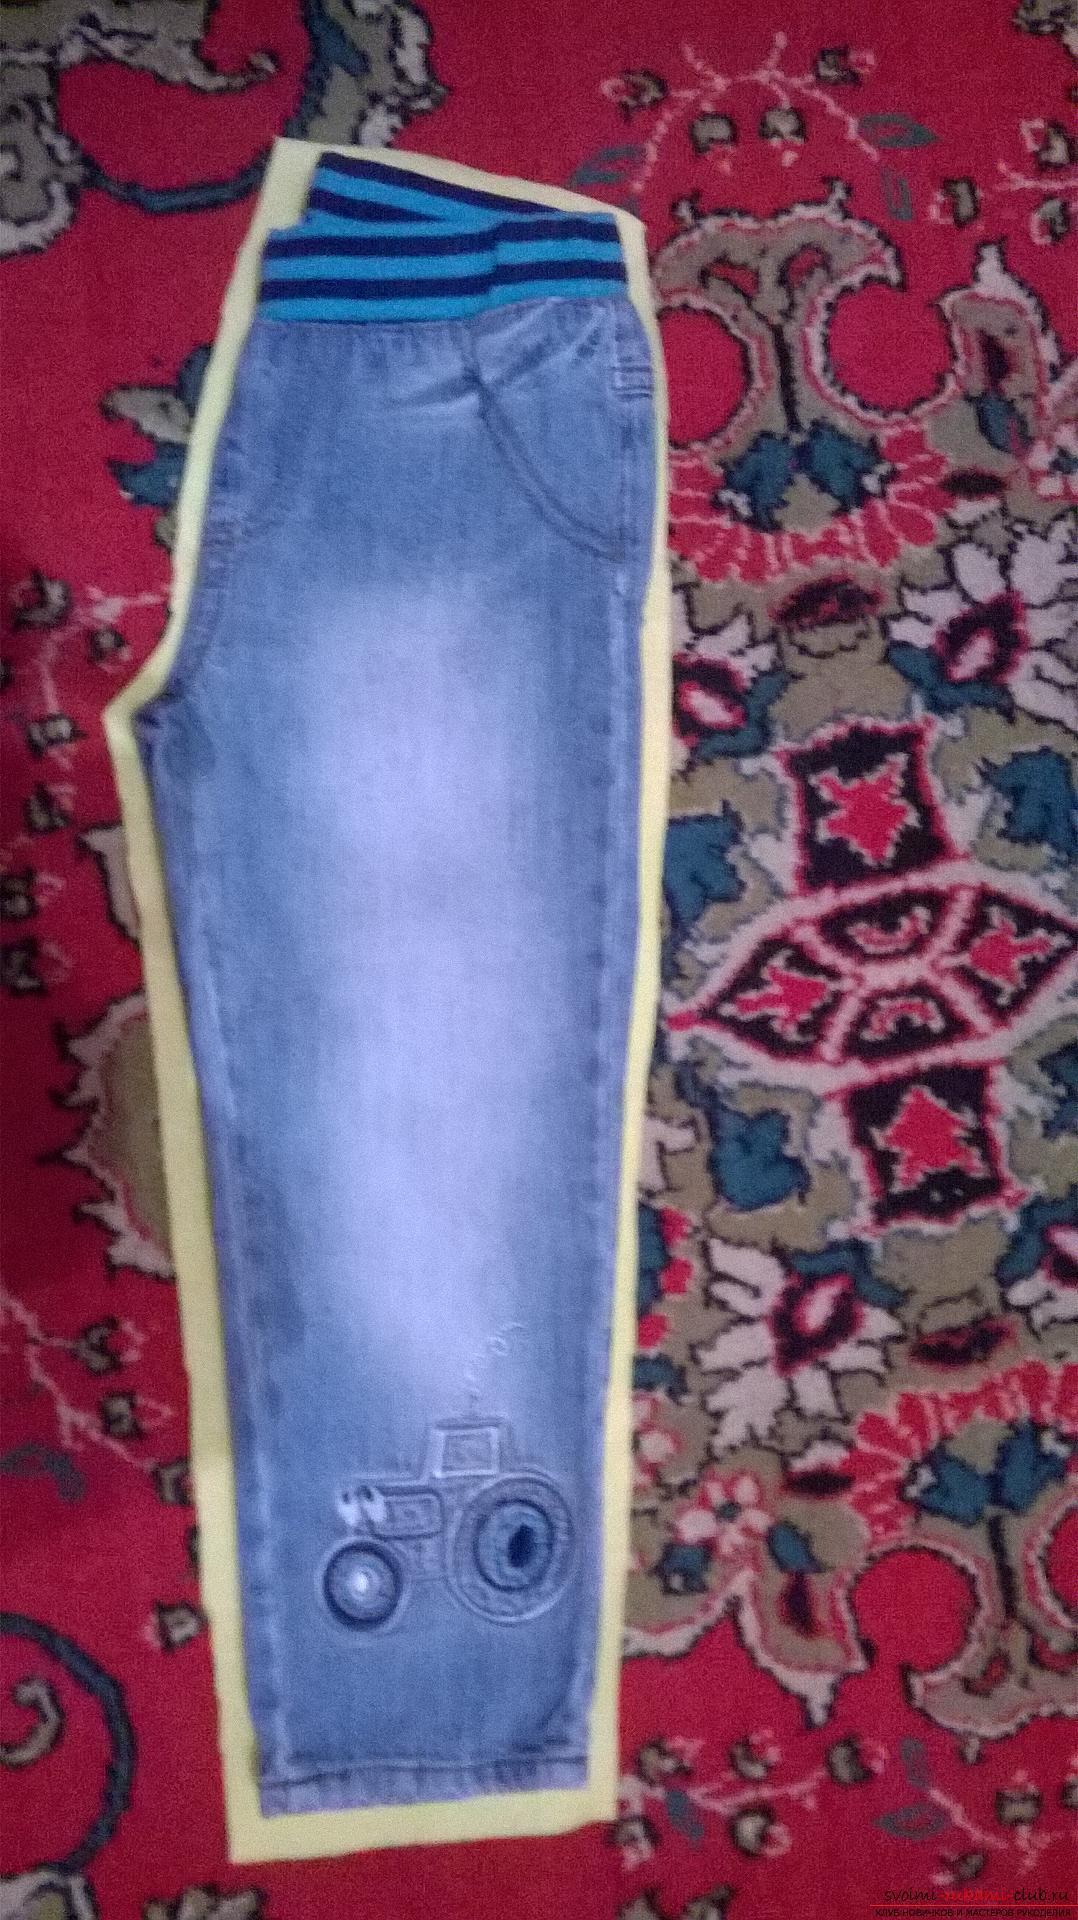 Подробный мастер-класс научит как сшить штаны для ребенка своими руками быстро и просто, без выкройки.. Фото №2